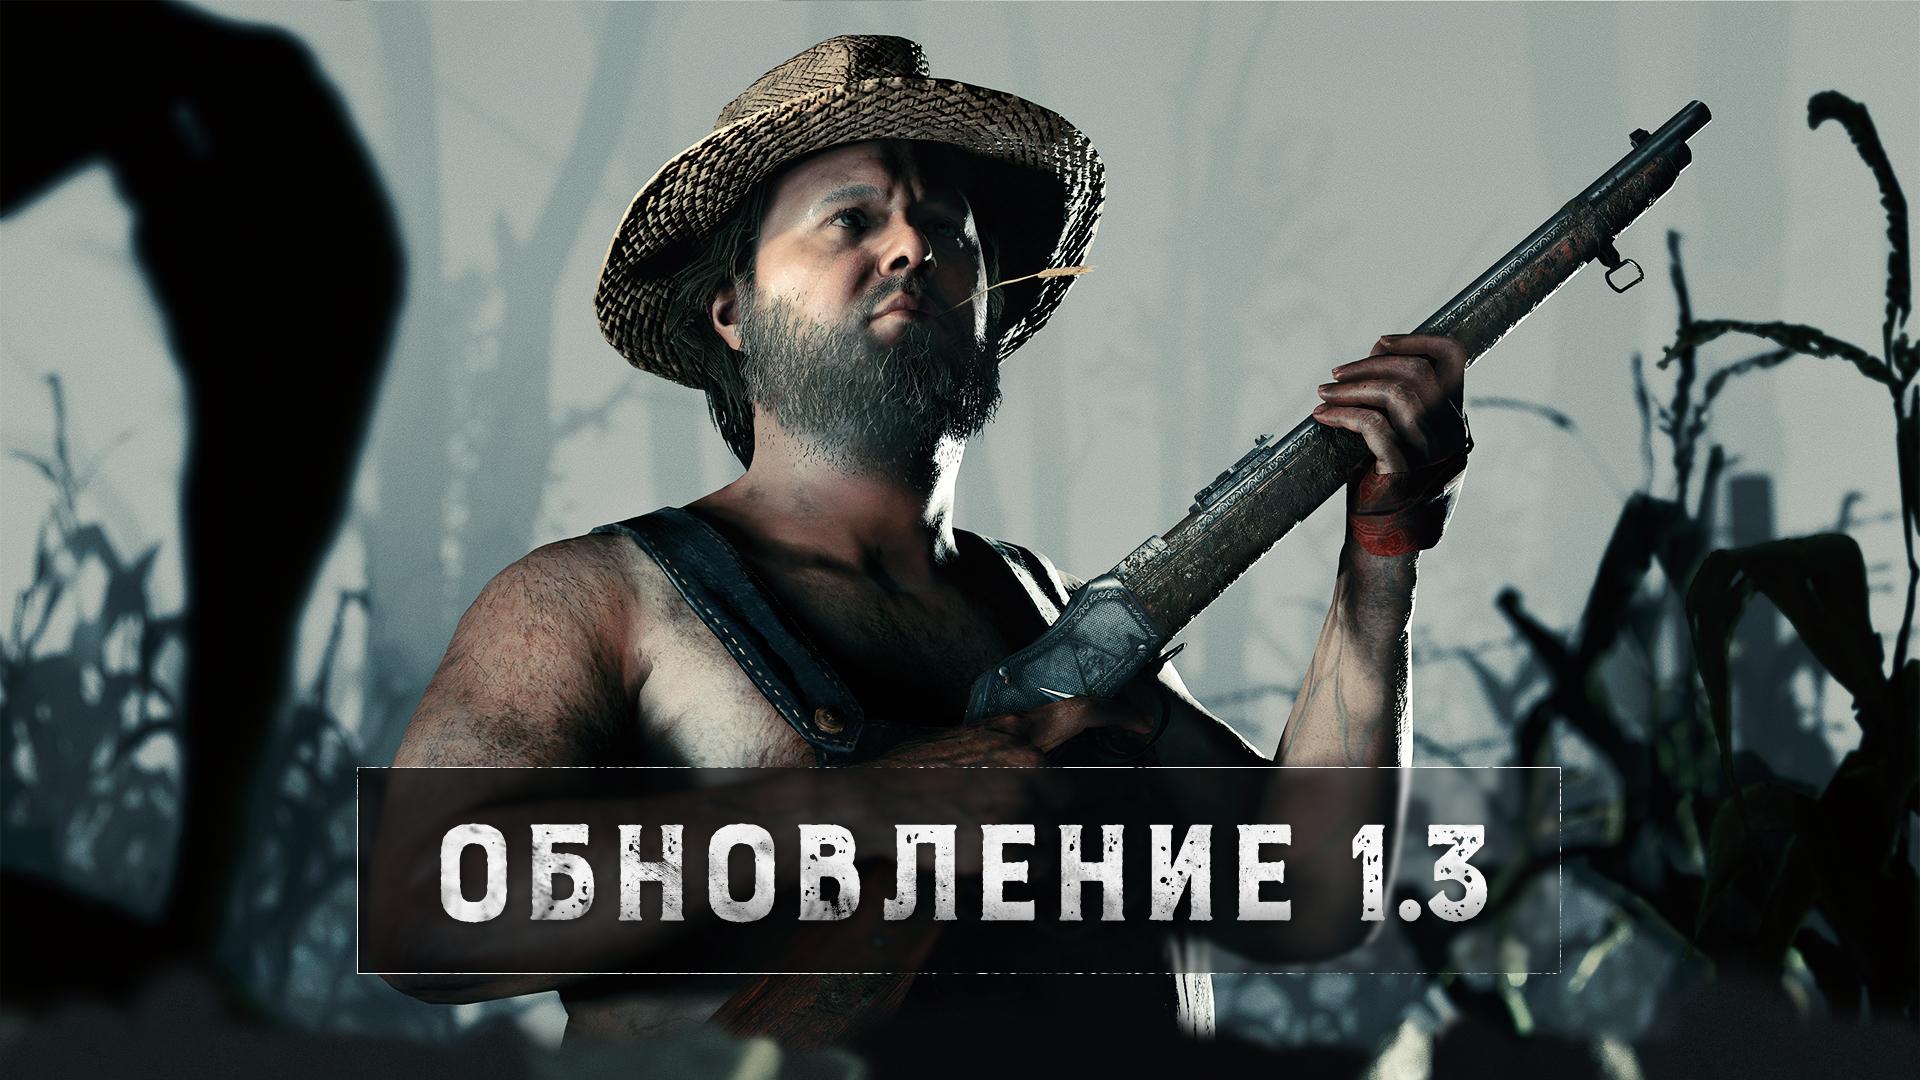 Обновление 1.3 для Hunt: Showdown добавляет закаты, смену оружия и новое снаряжение